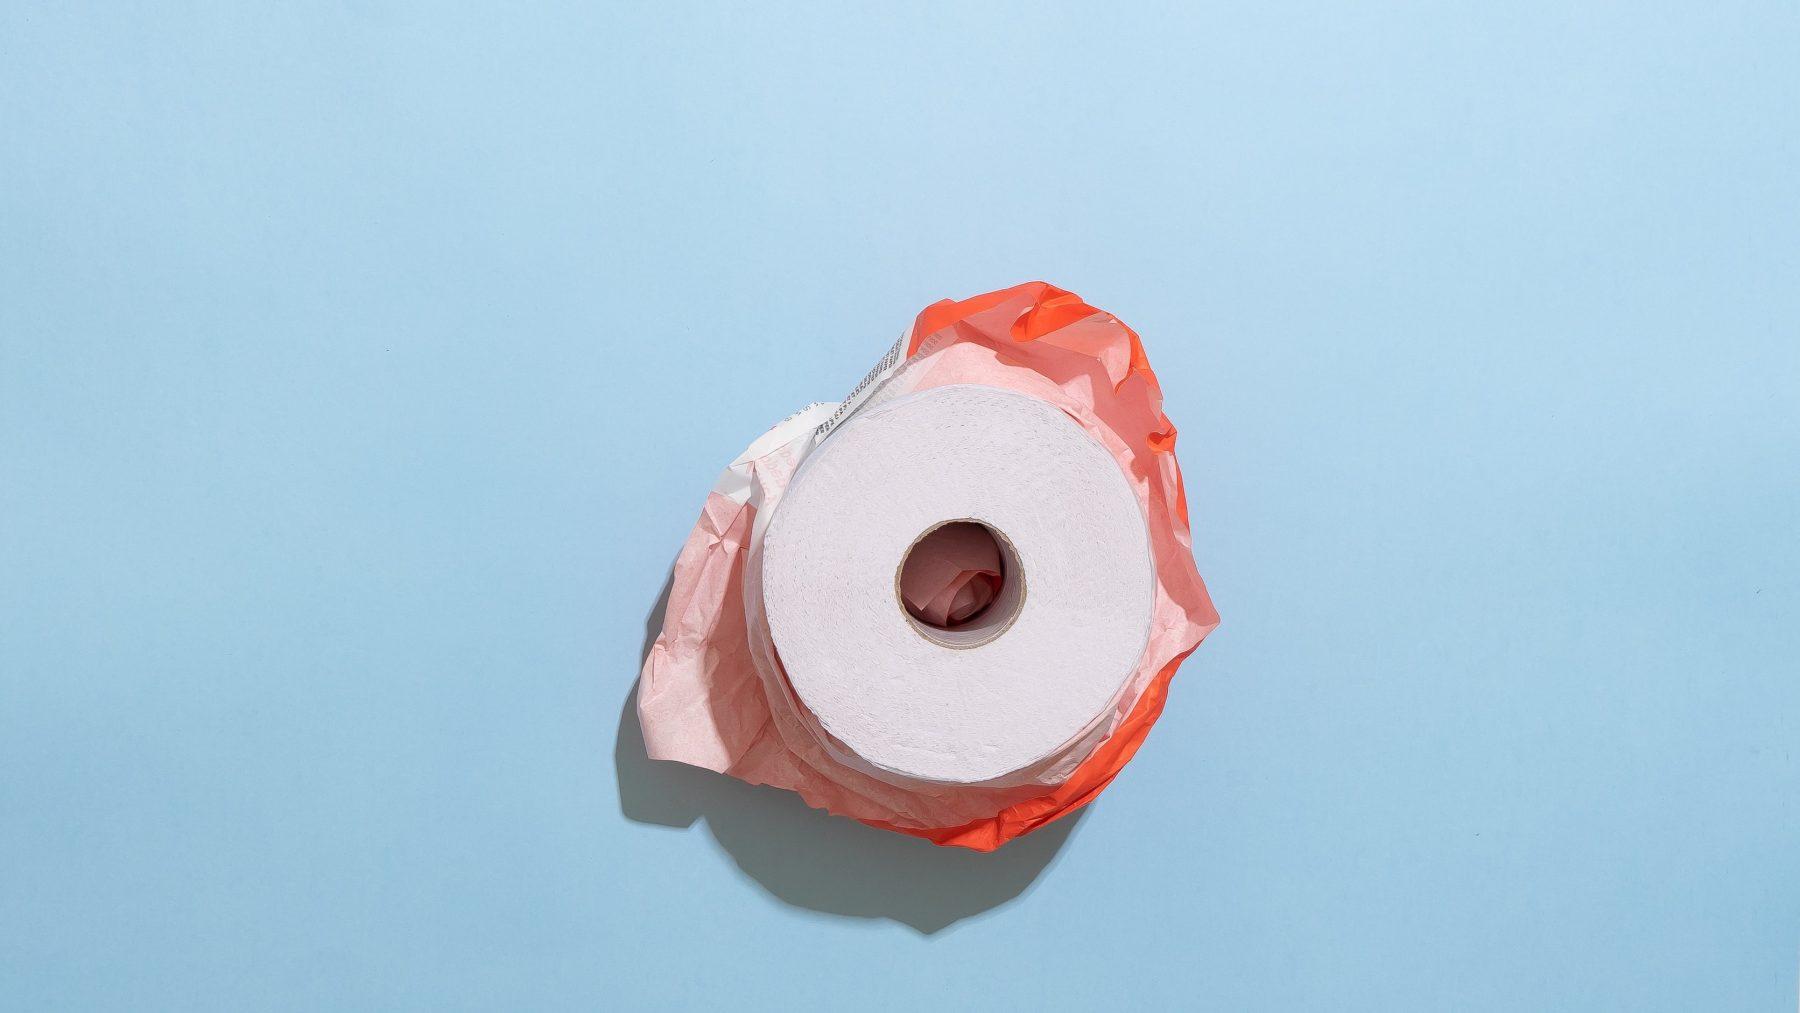 magazijnmedewerker lacht om hamstergedrag: wc-rollen te over